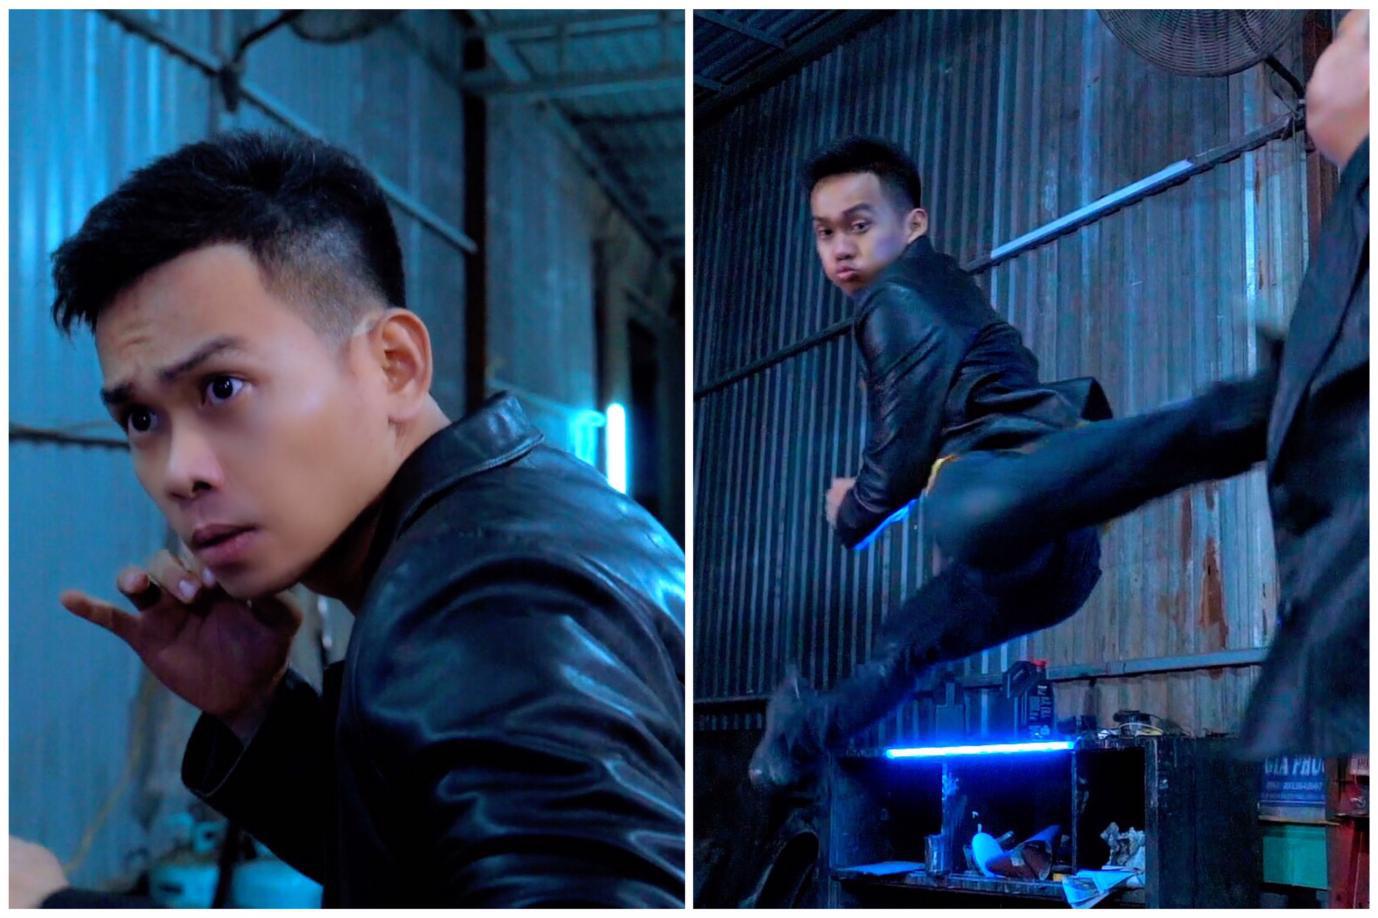 Điểm qua dàn diễn viên tham gia phim Nhất Đại Tông Sư - Ảnh 3.